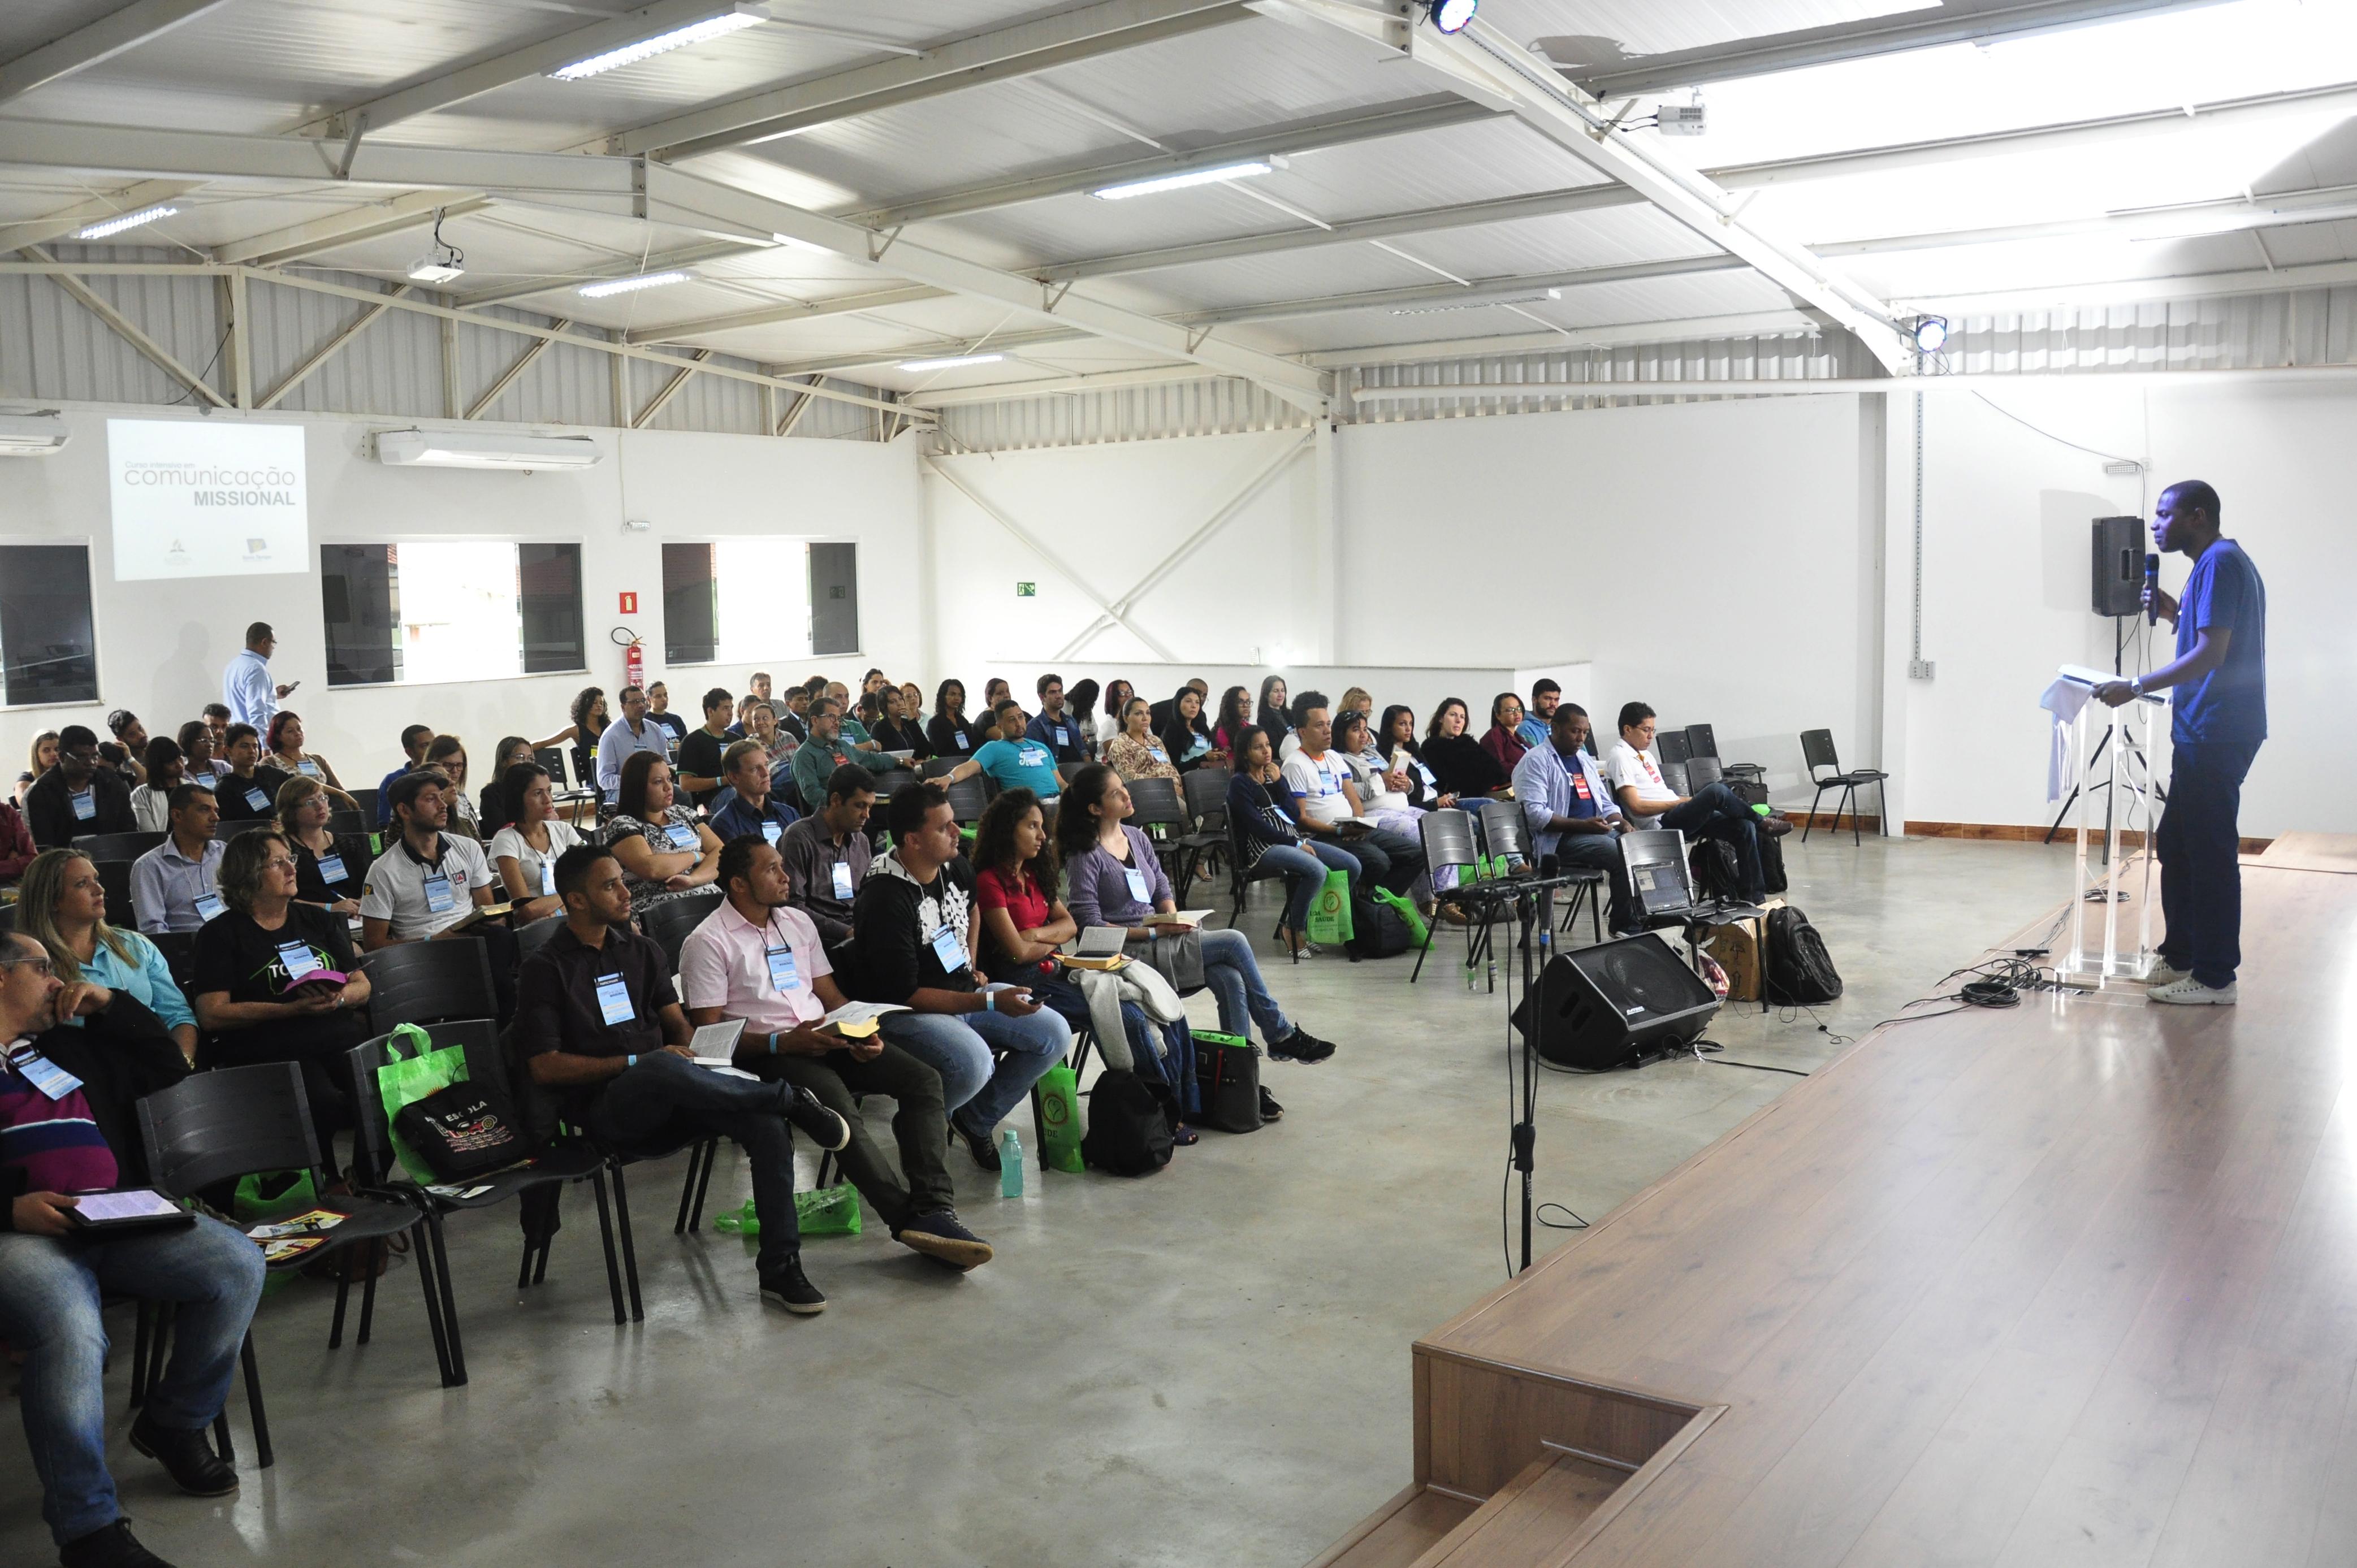 Curso reuniu aproximadamente cem pessoas de cidades do Triângulo Mineiro (Foto: Harley França)